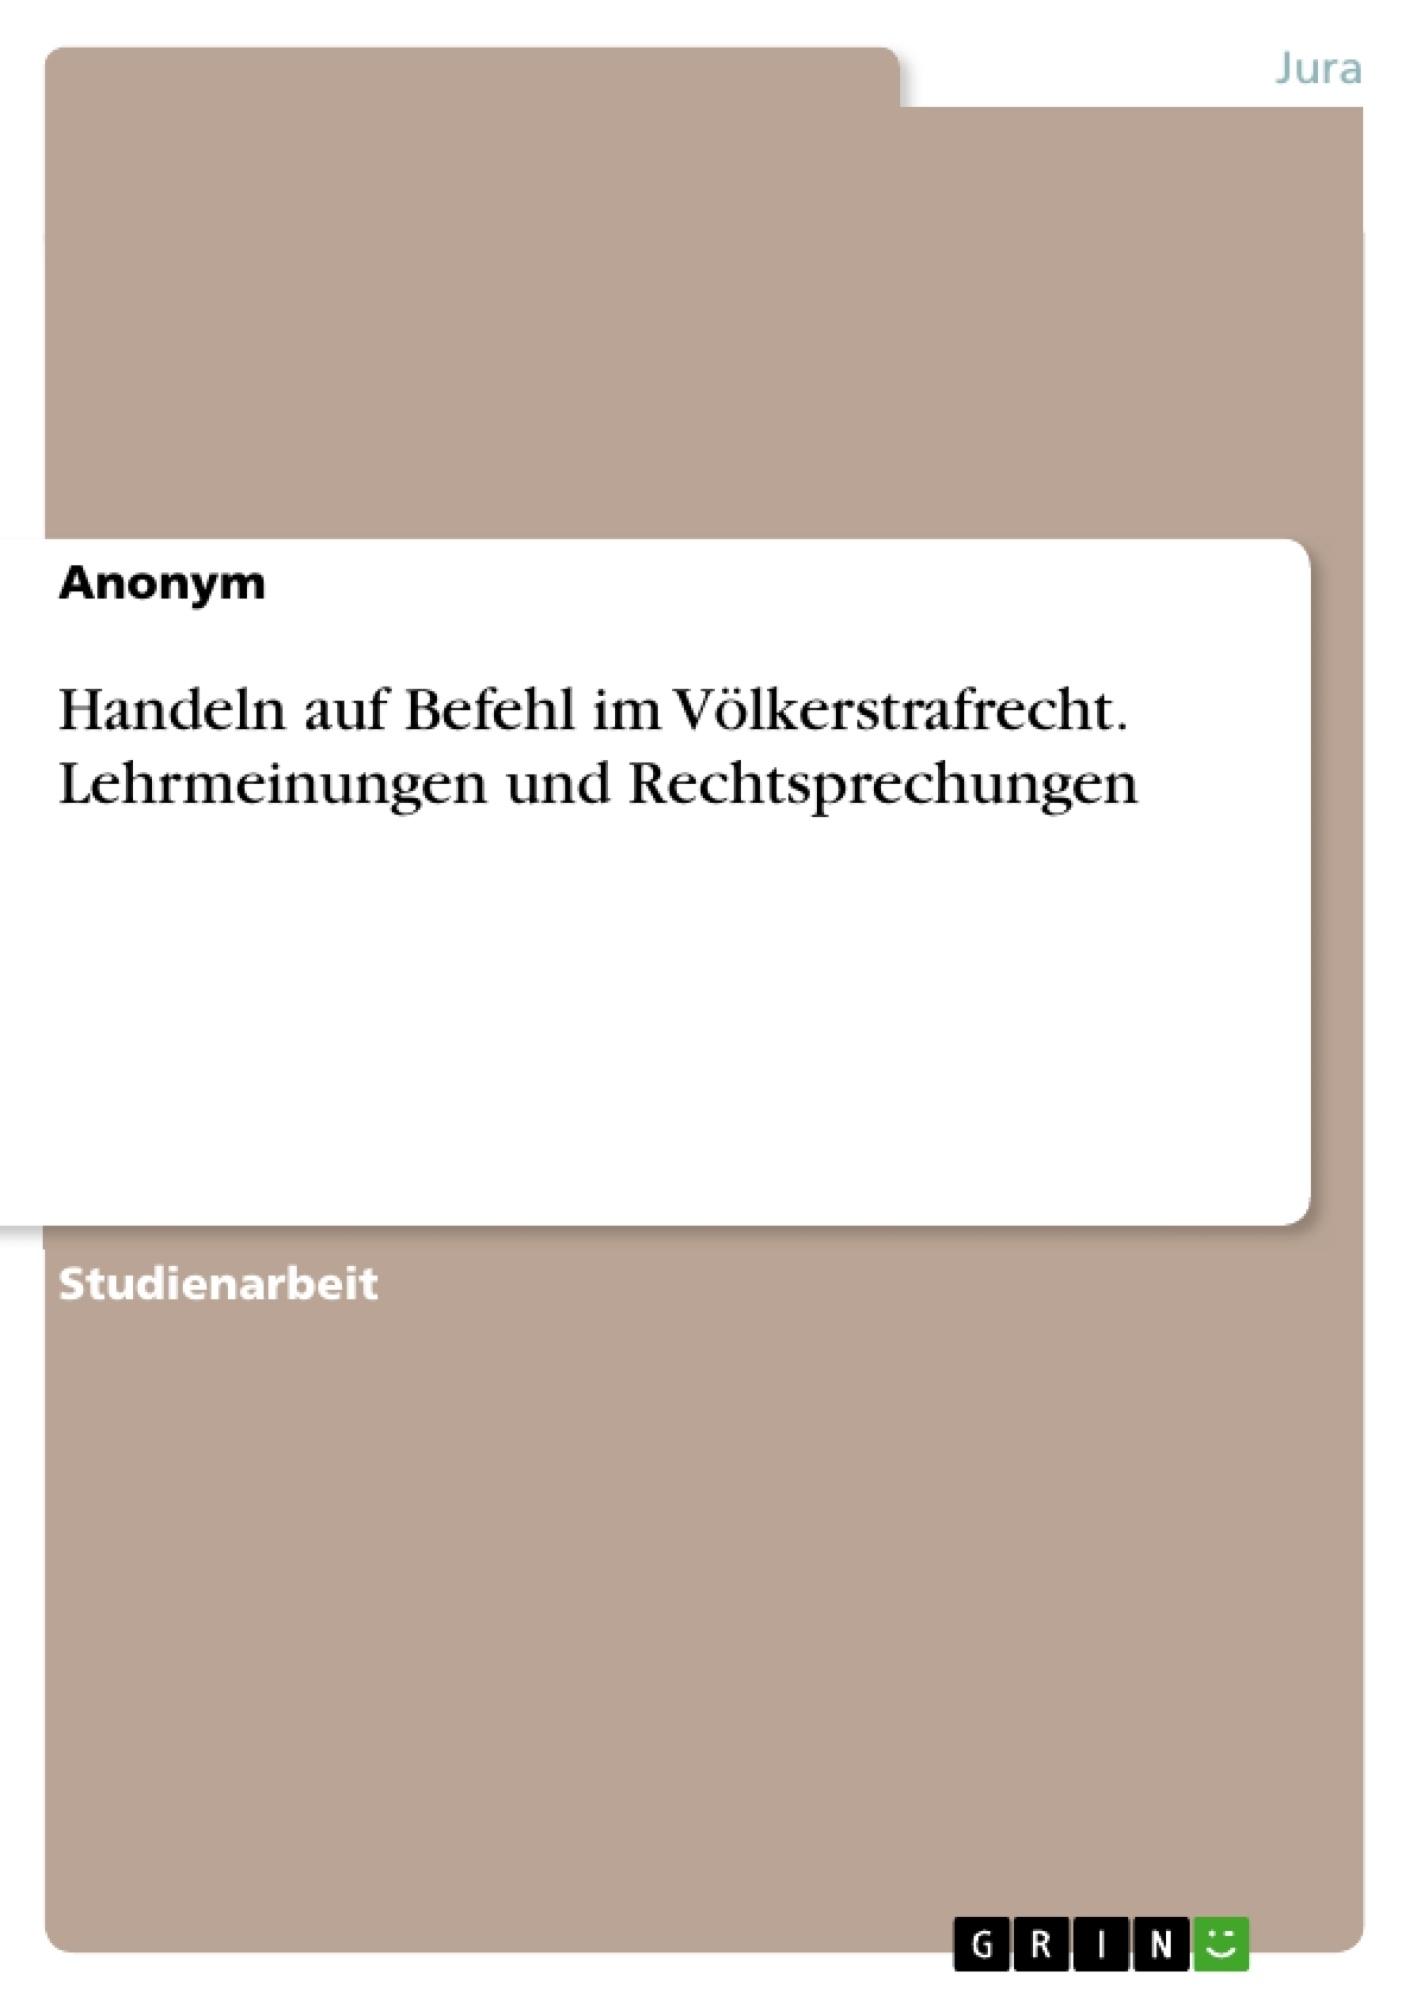 Titel: Handeln auf Befehl im Völkerstrafrecht. Lehrmeinungen und Rechtsprechungen